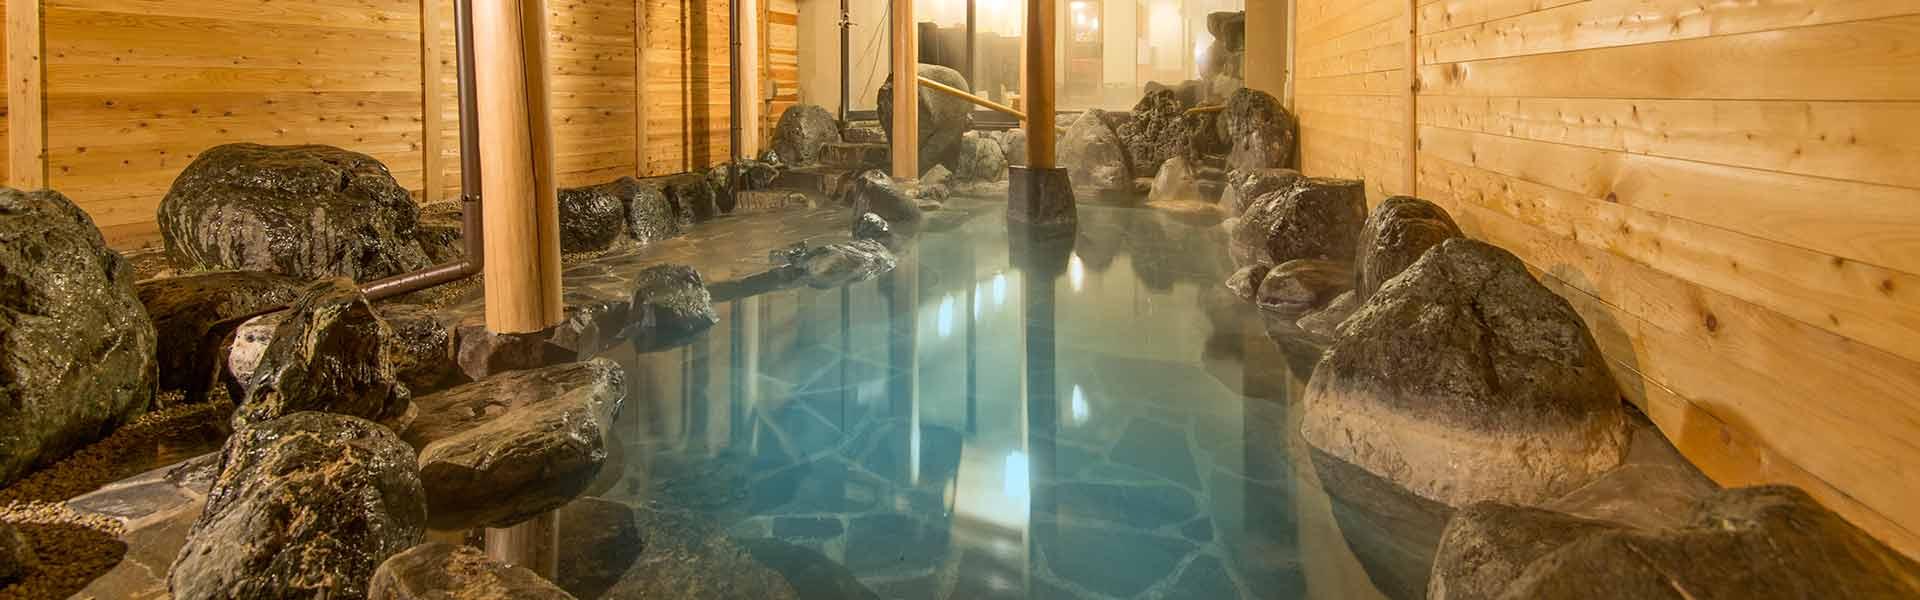 樅の木ホテル、天然温泉